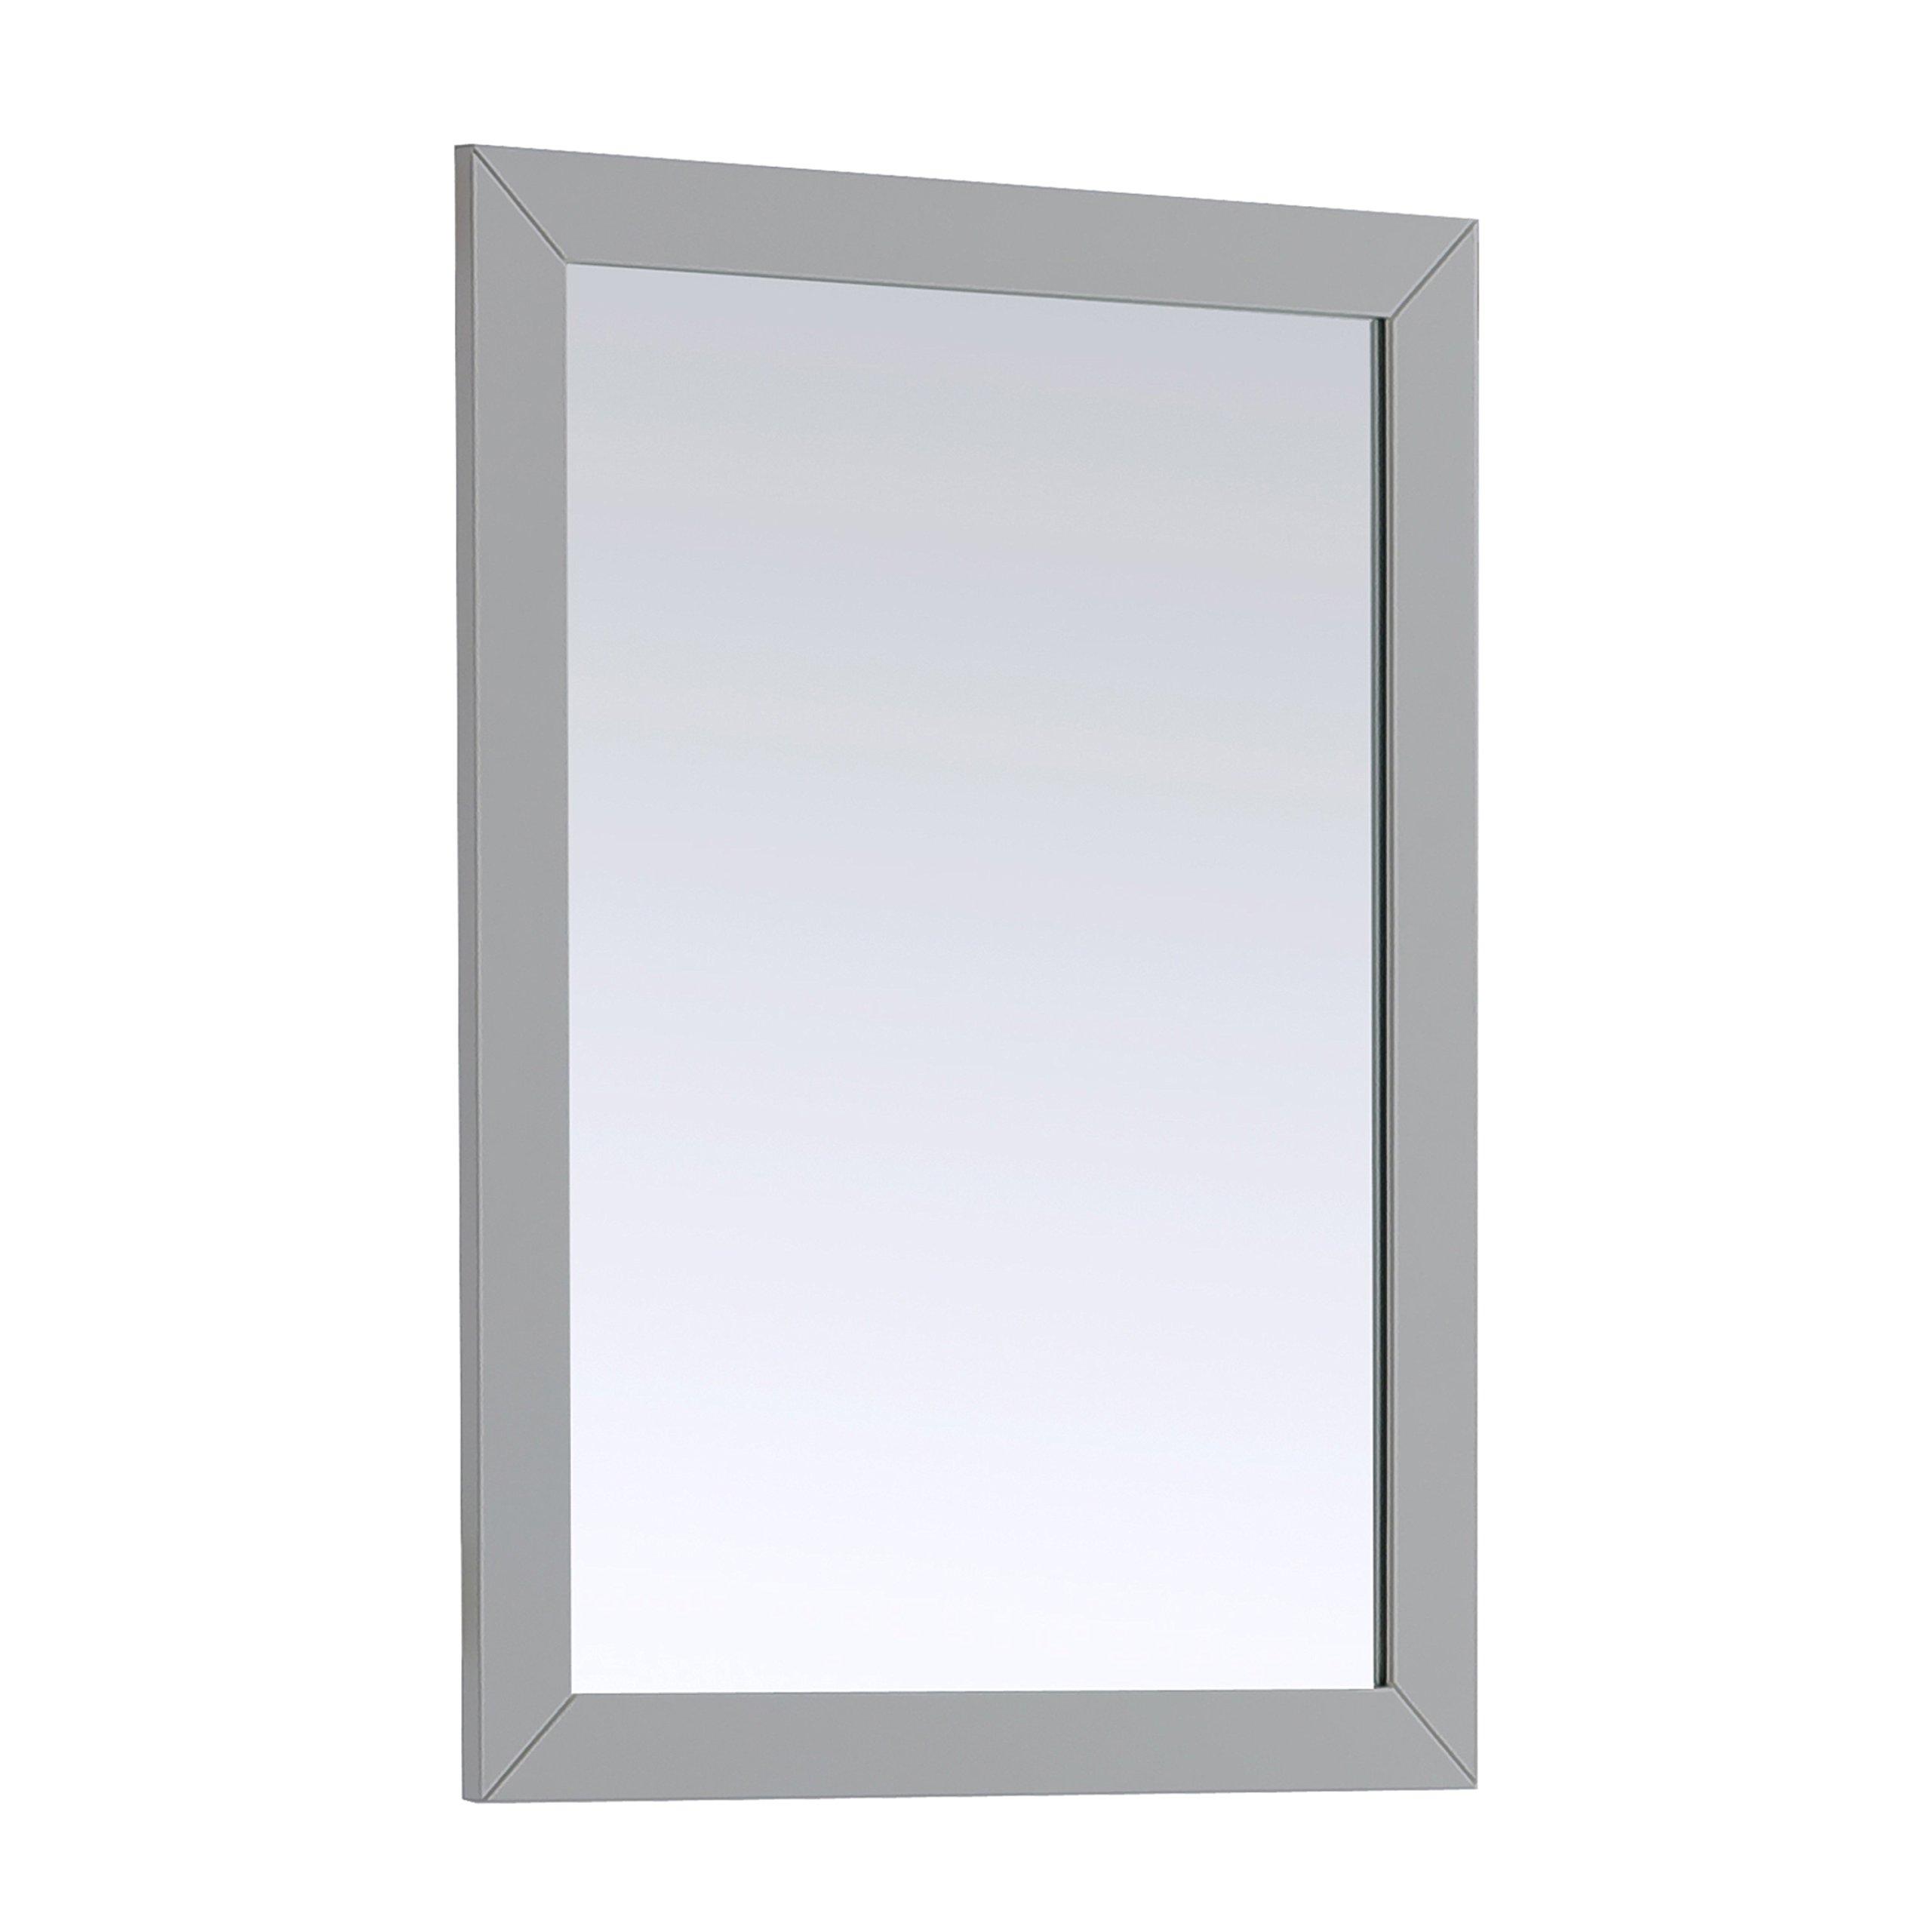 Simpli Home Chelsea 22'' x 30'' Bath Vanity Décor Mirror, Grey